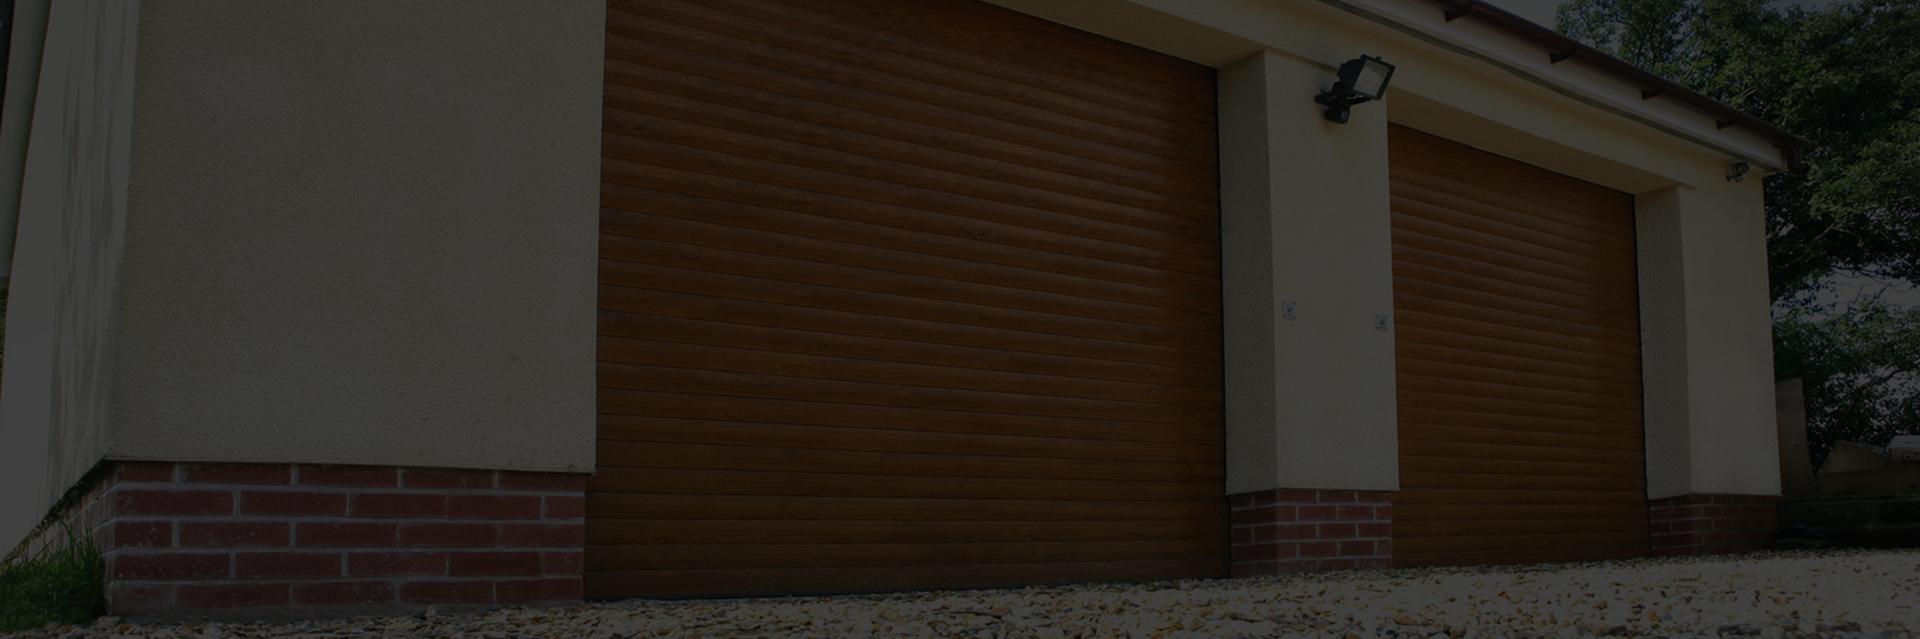 Buy Seceuroglide Garage Doors London, by Chalfont Garage Doors